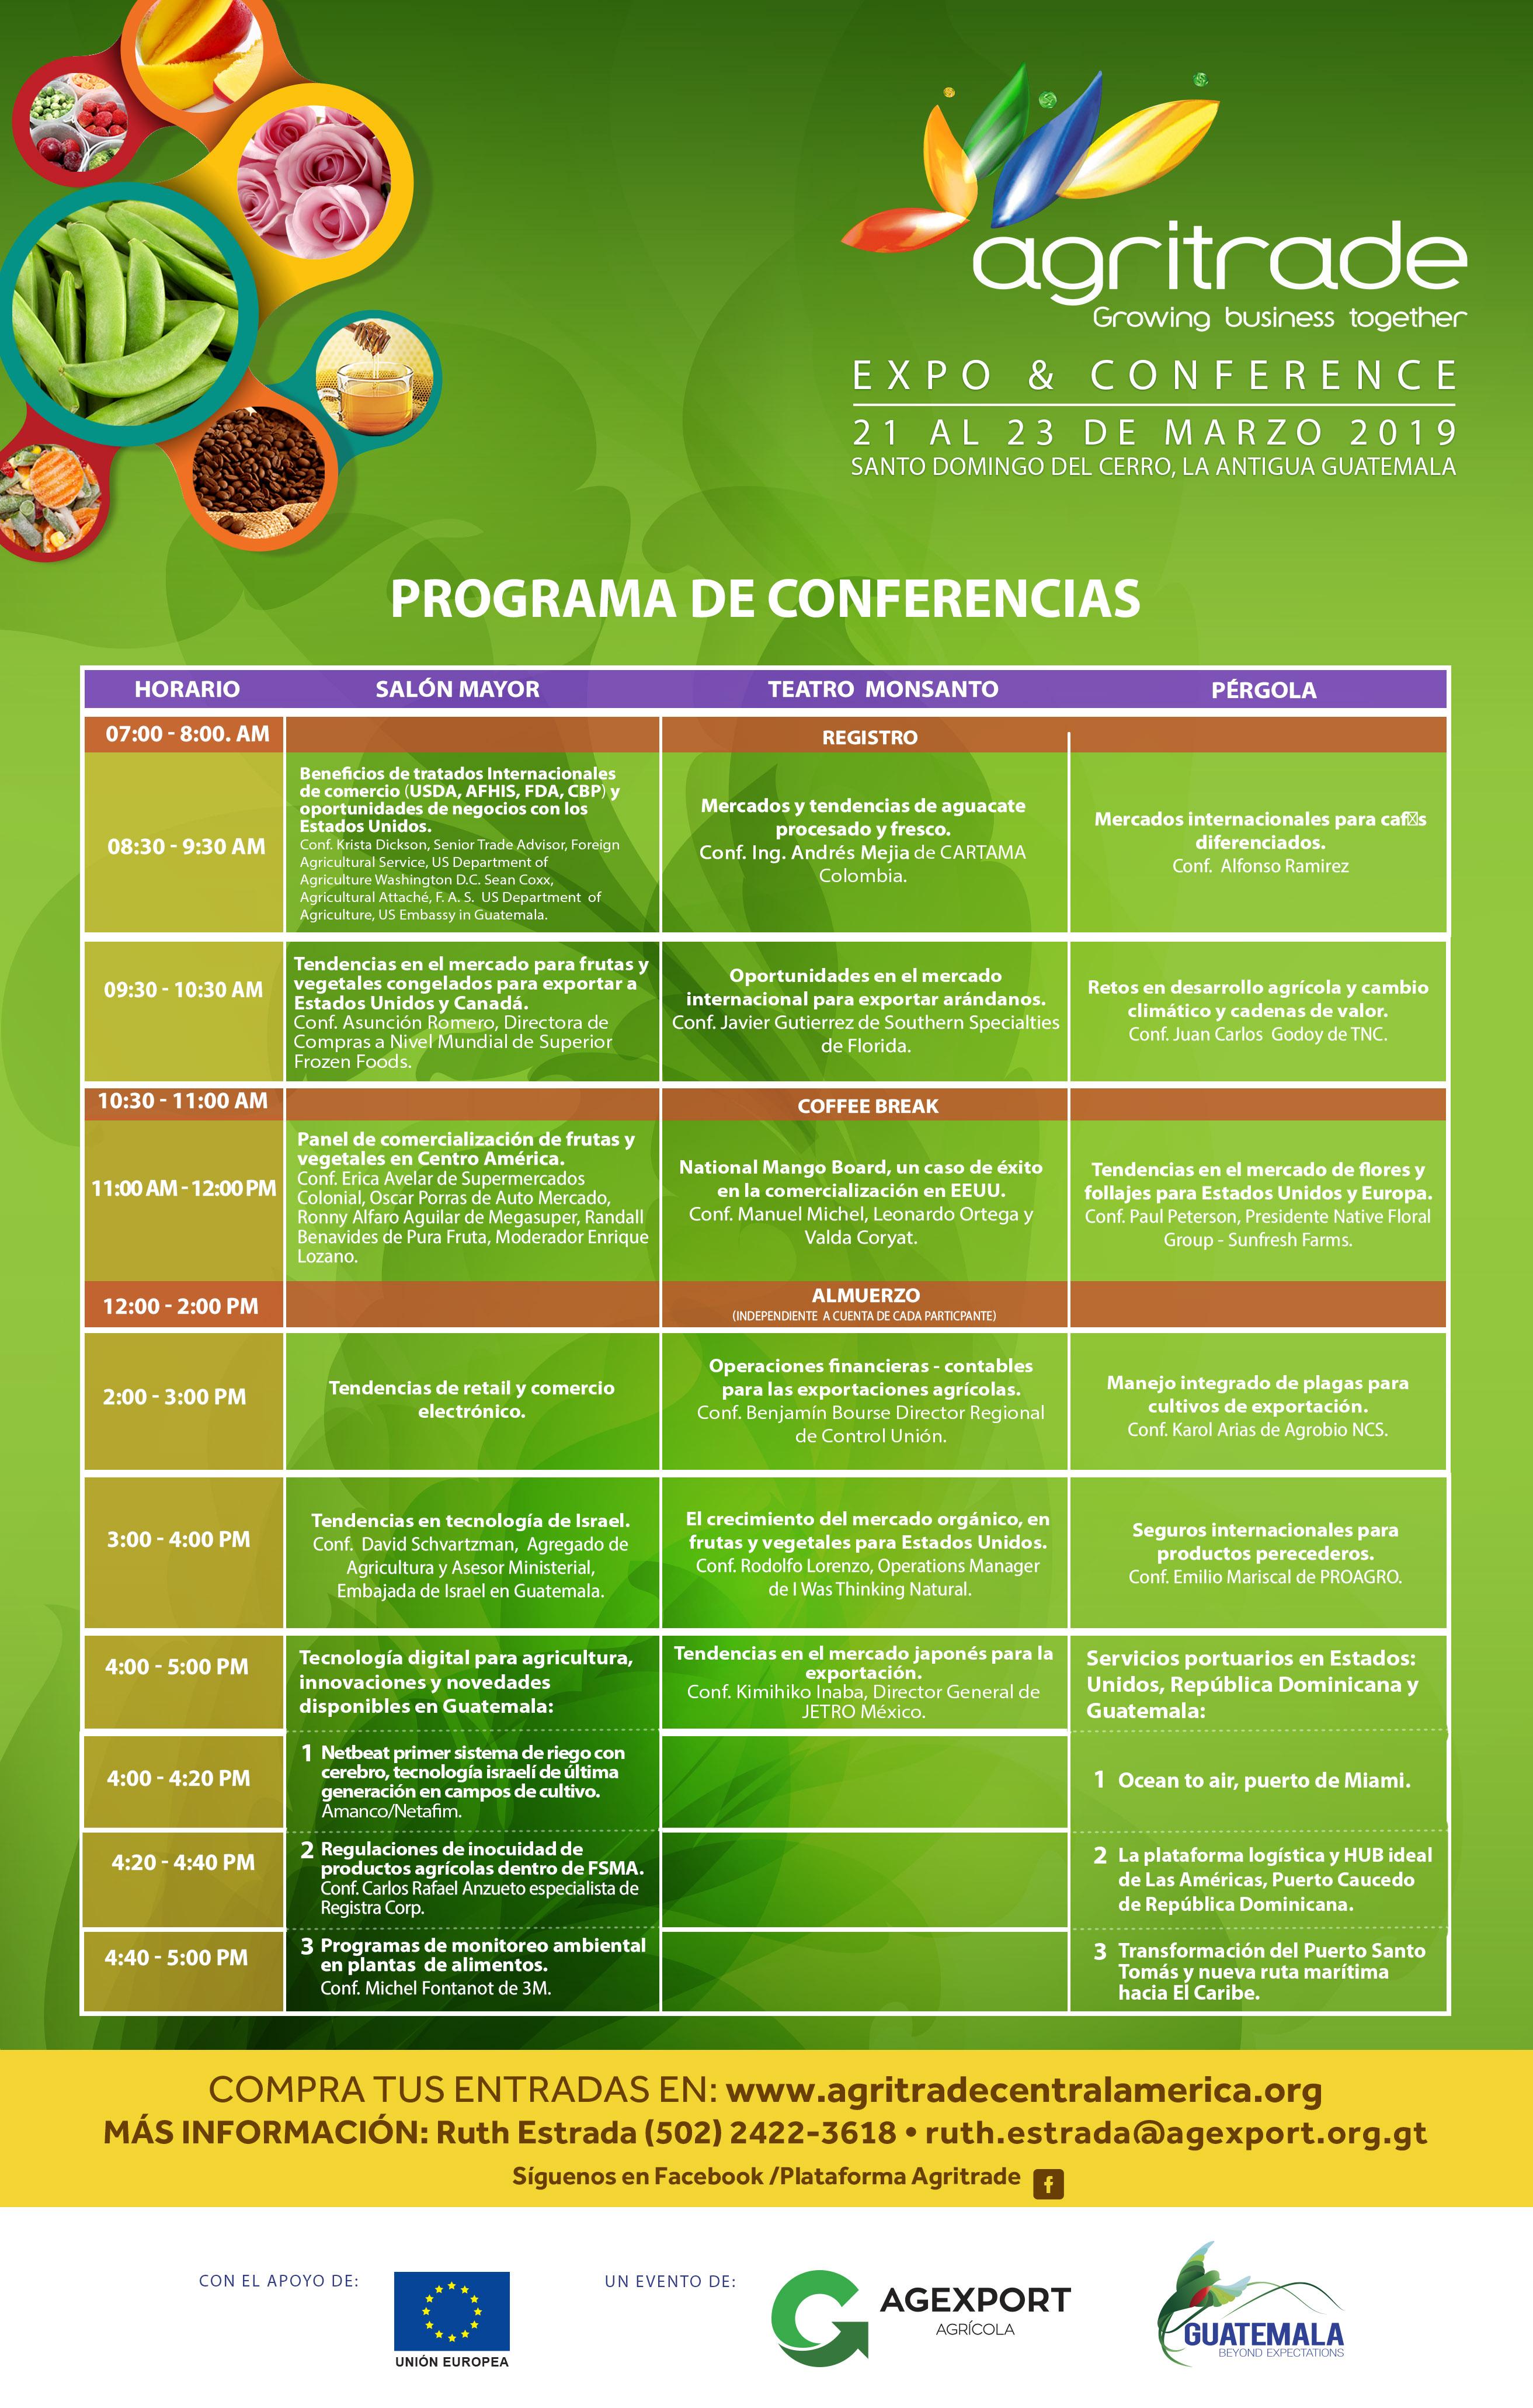 conferencia para productores agrícolas